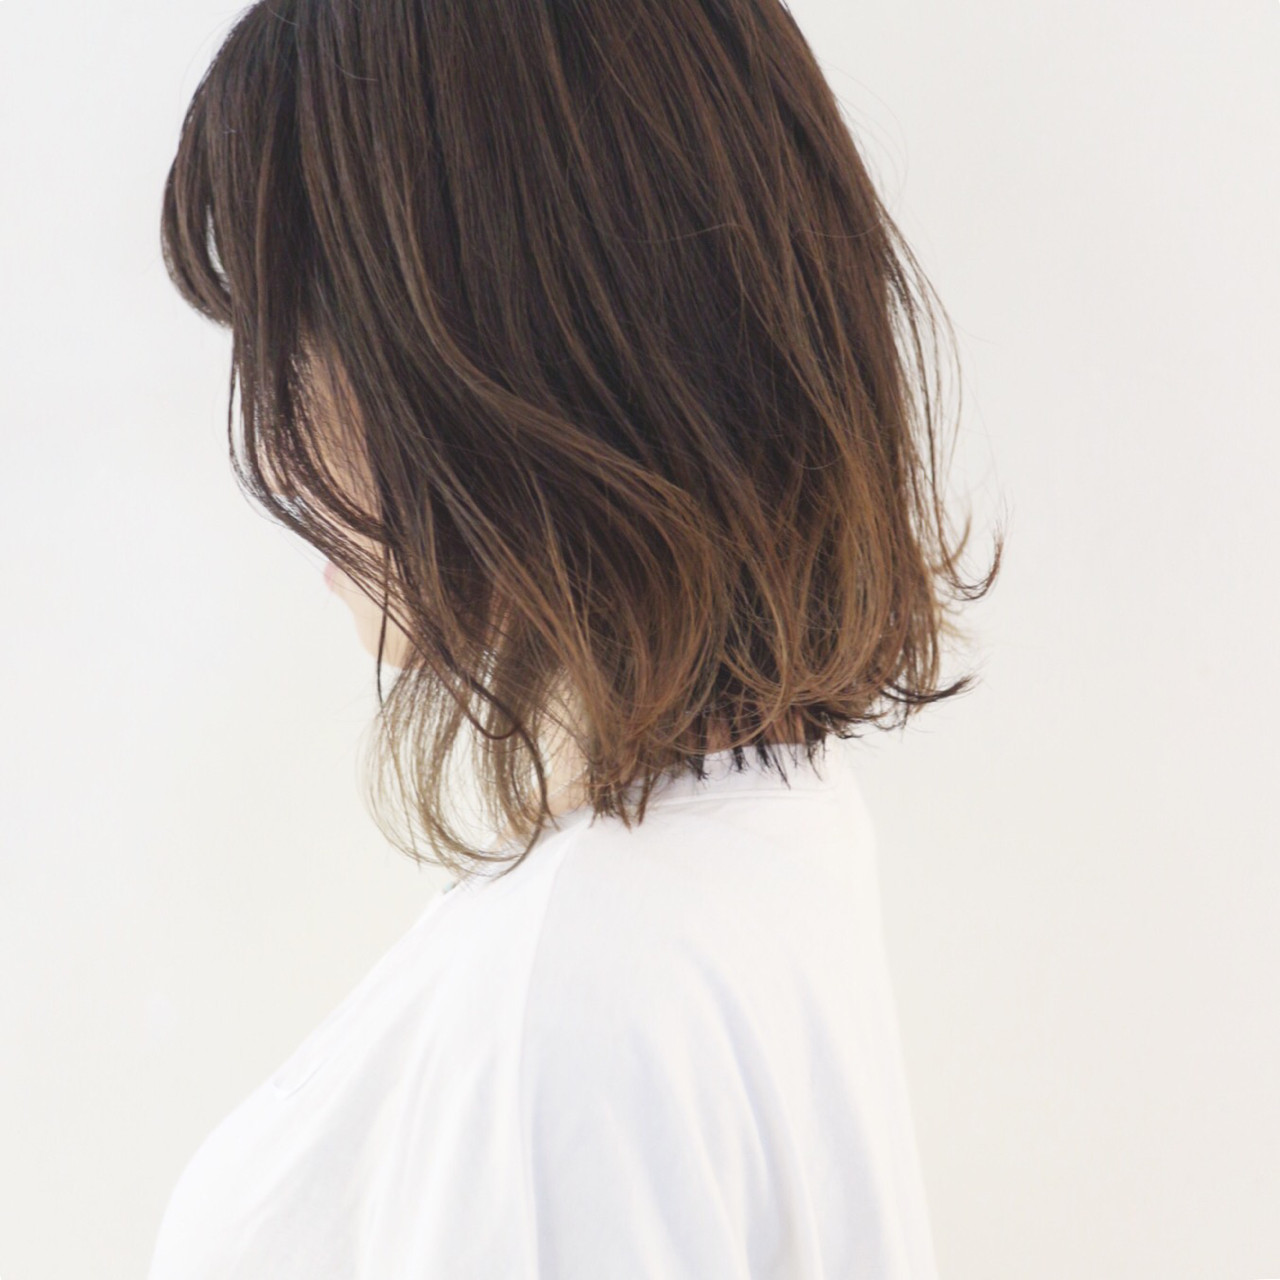 外国人風 グラデーションカラー ハイライト ボブ ヘアスタイルや髪型の写真・画像 | 三好 佳奈美 / Baco.(バコ)